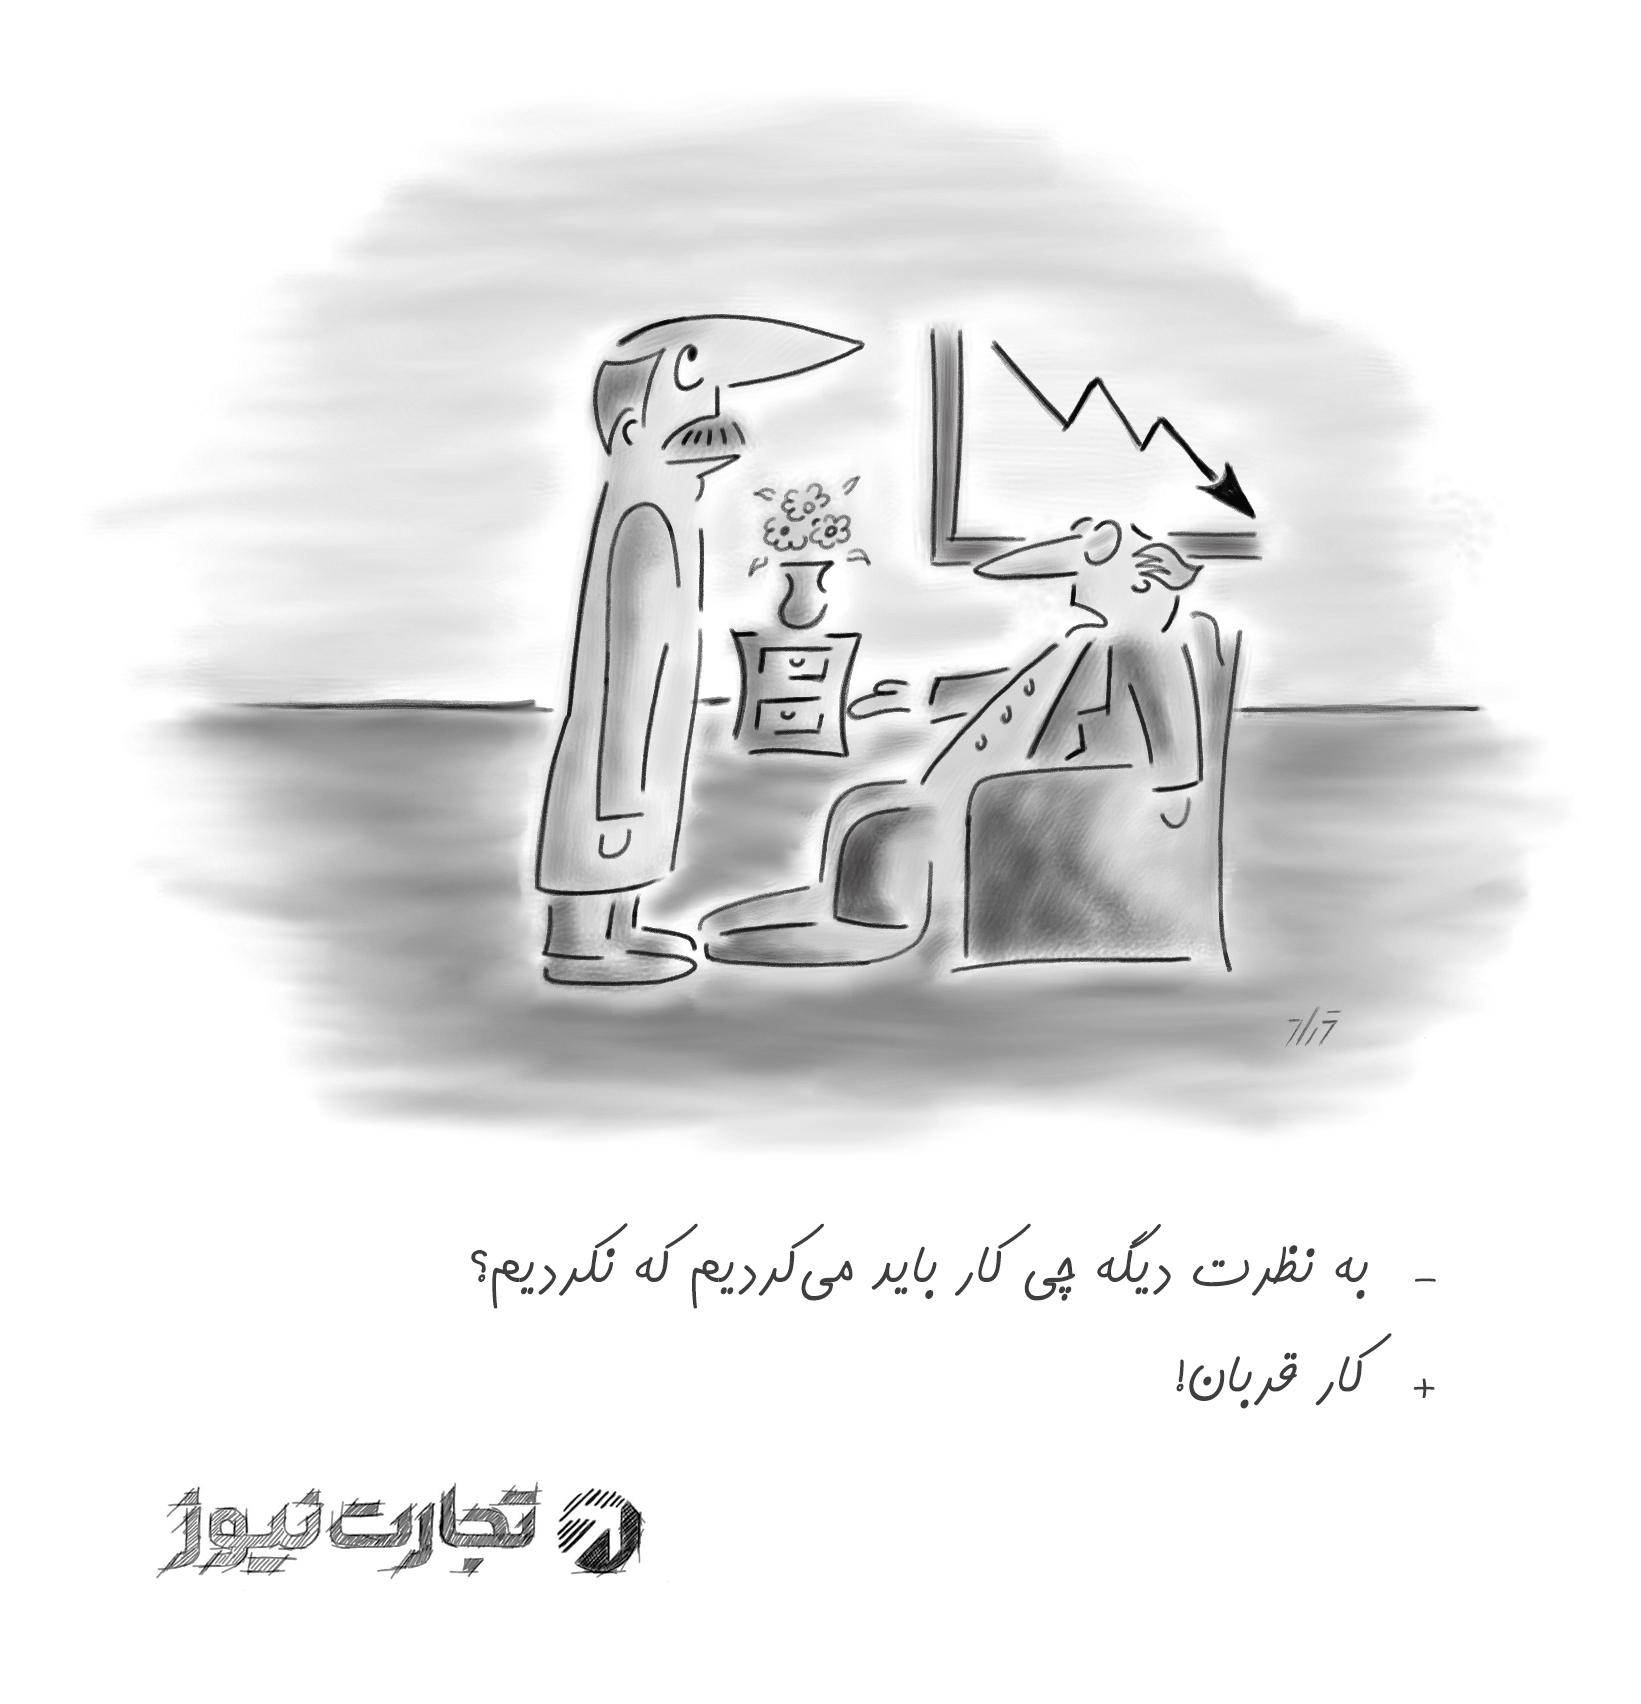 کاریکاتور کار شکست رئیس کارتون اقتصاد